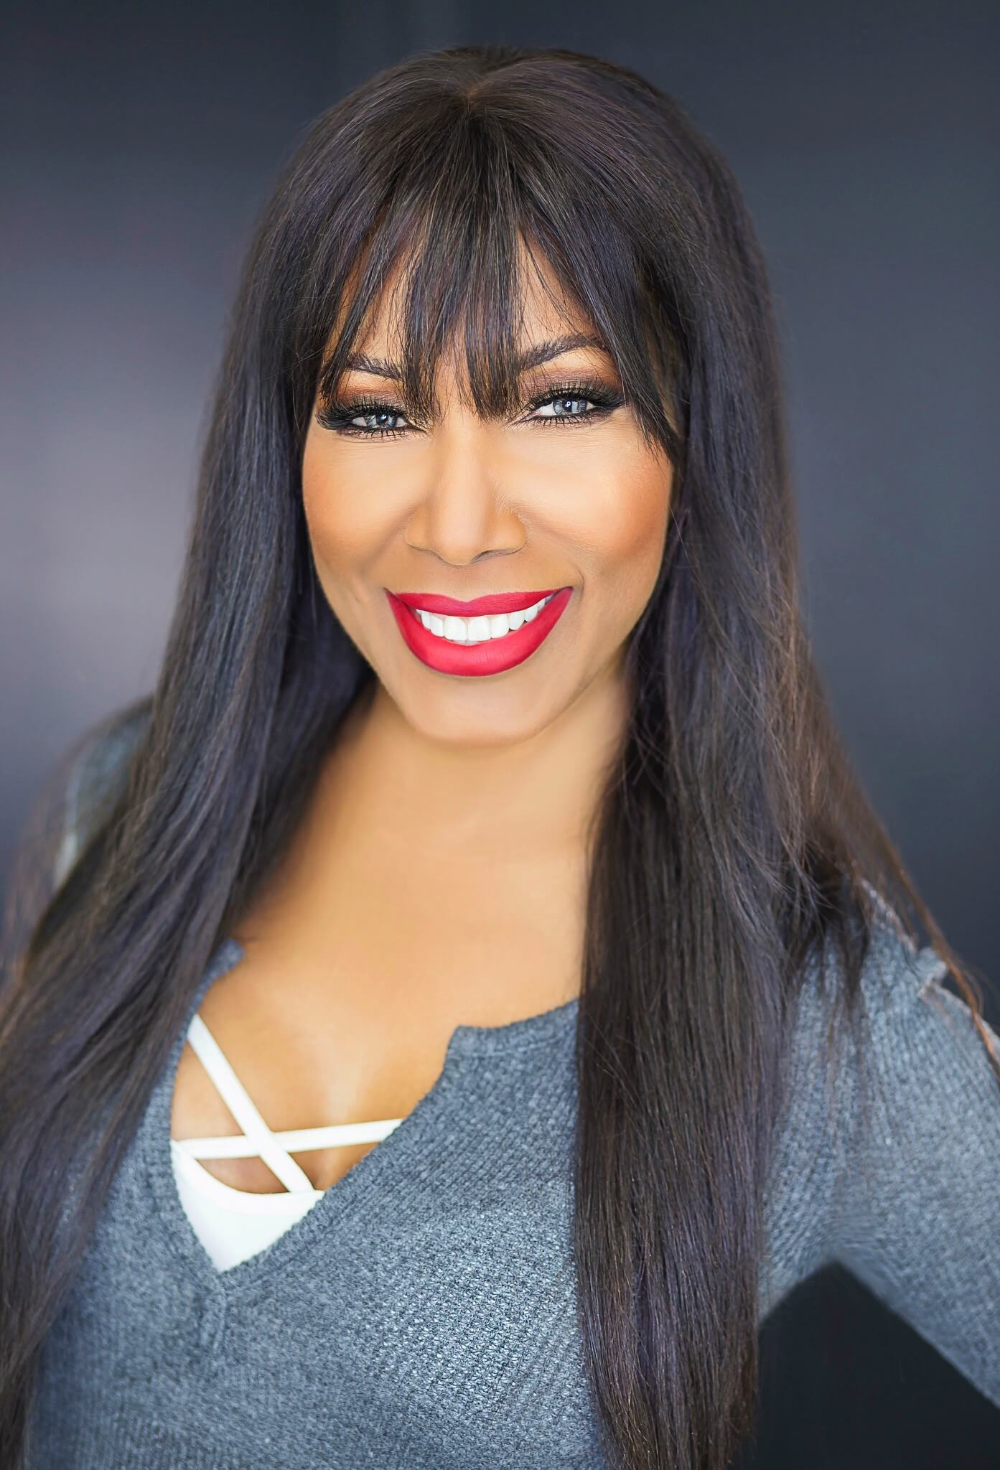 Beauty Salon, Lash Lifts, Makeup & More | Monique Powers ...